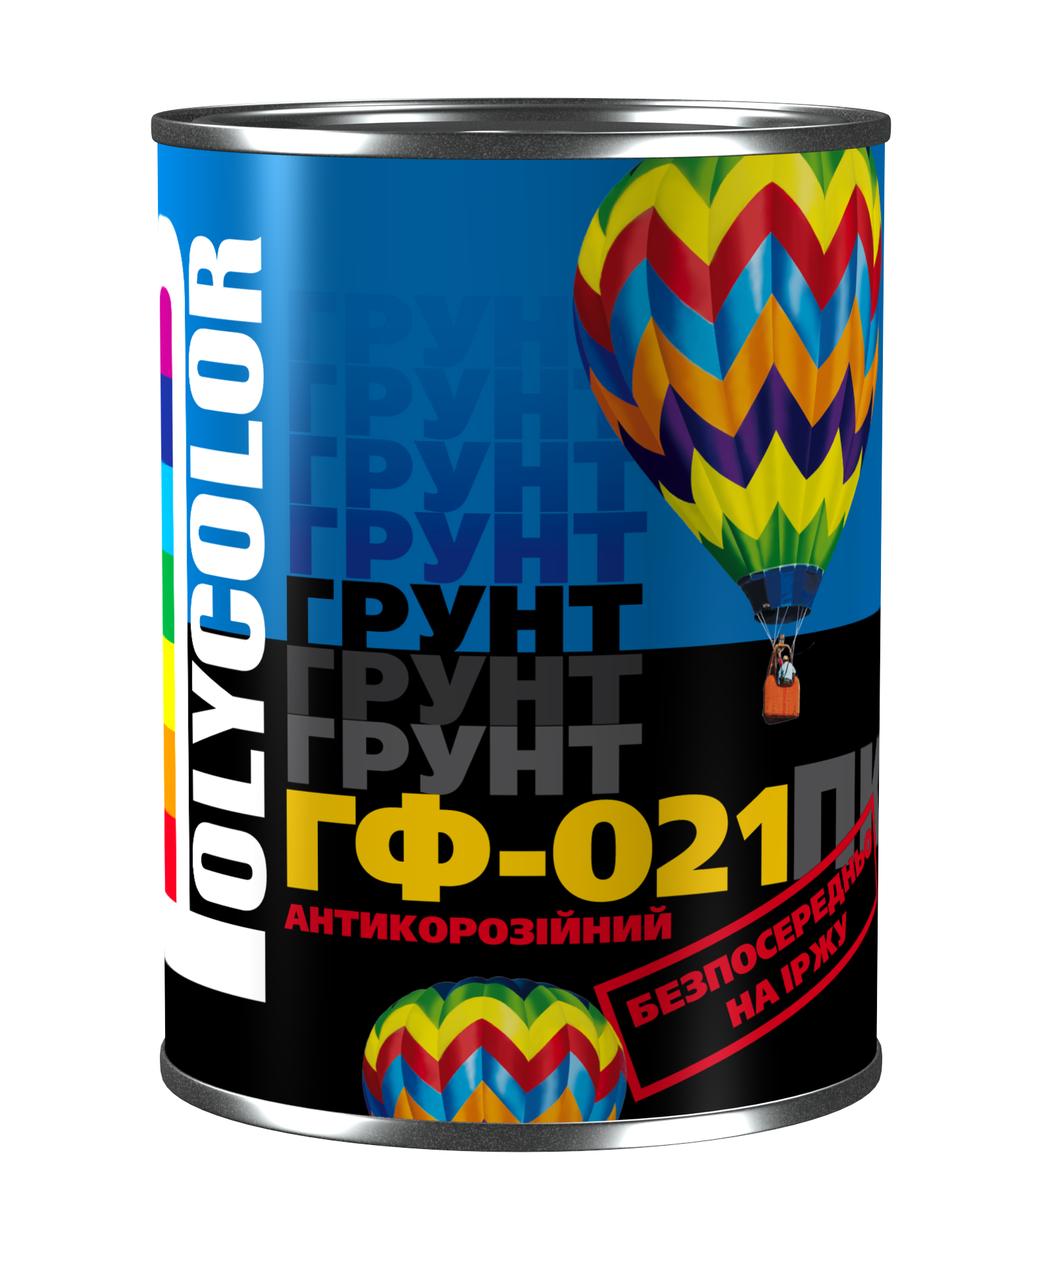 Грунт  ГФ-021   черный    2.8 кг Поликолор